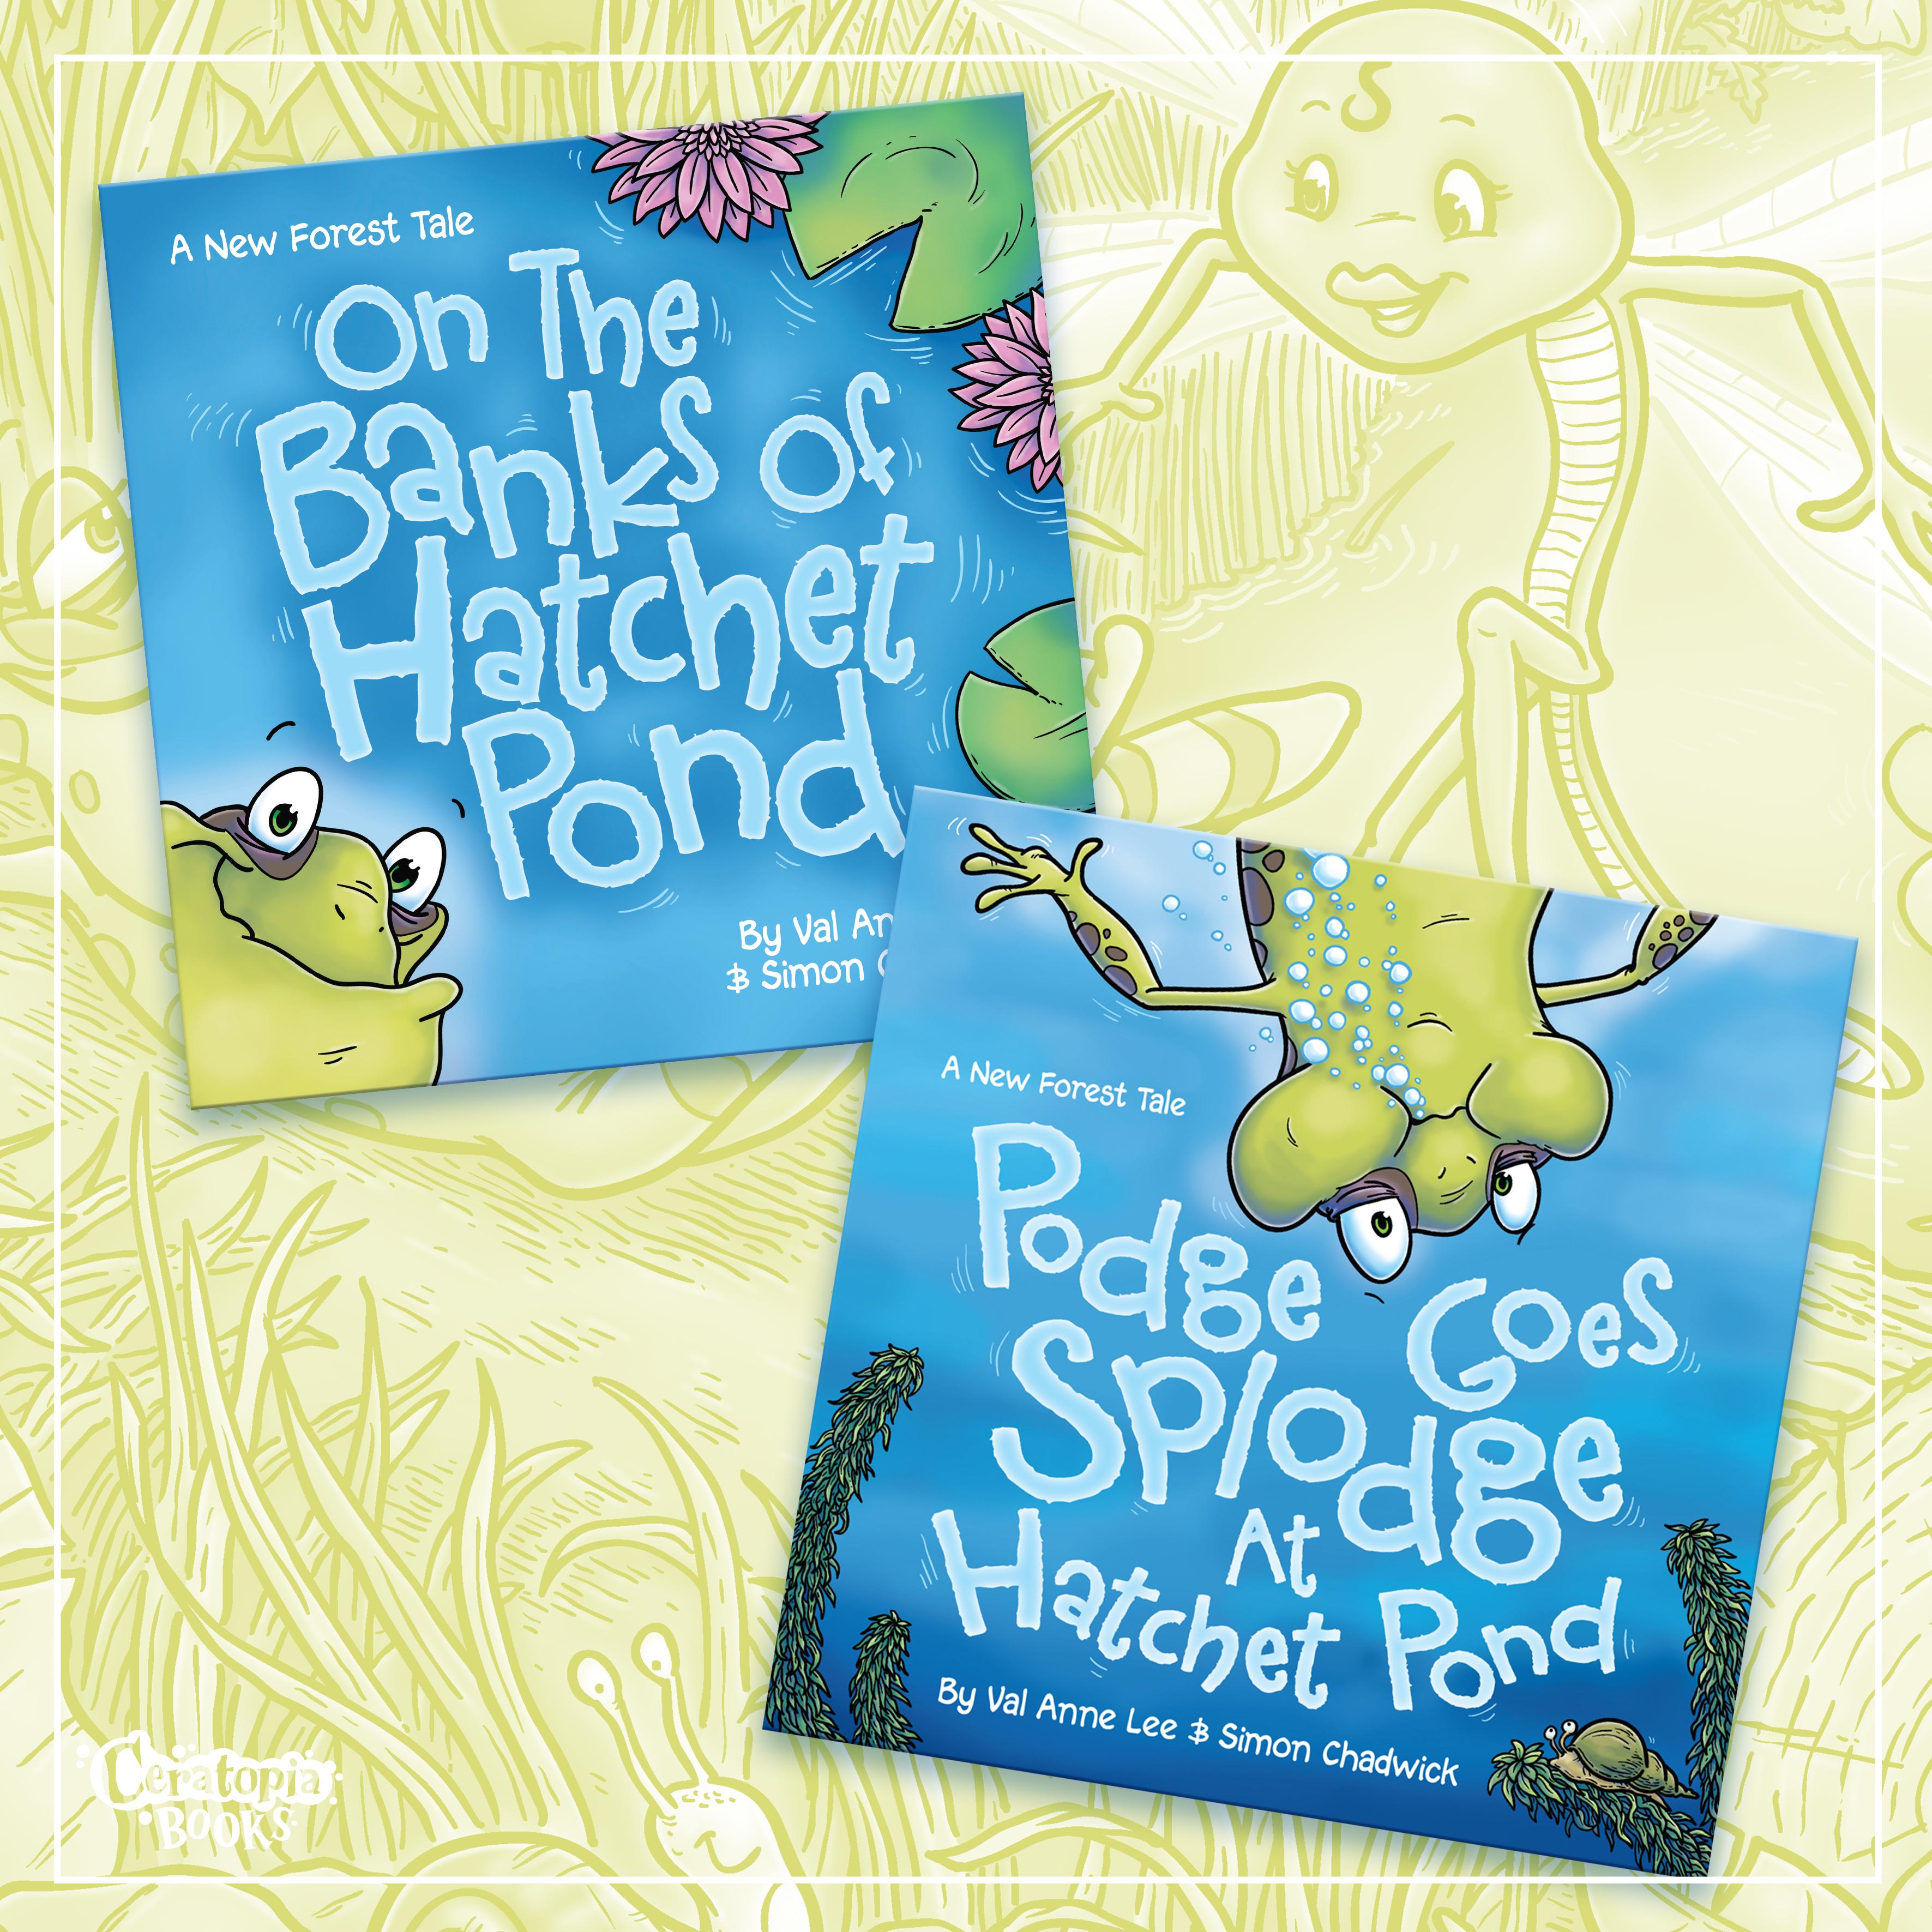 On The Banks Of Hatchet Pond and Podge Goes Splodge At Hatchet Pond